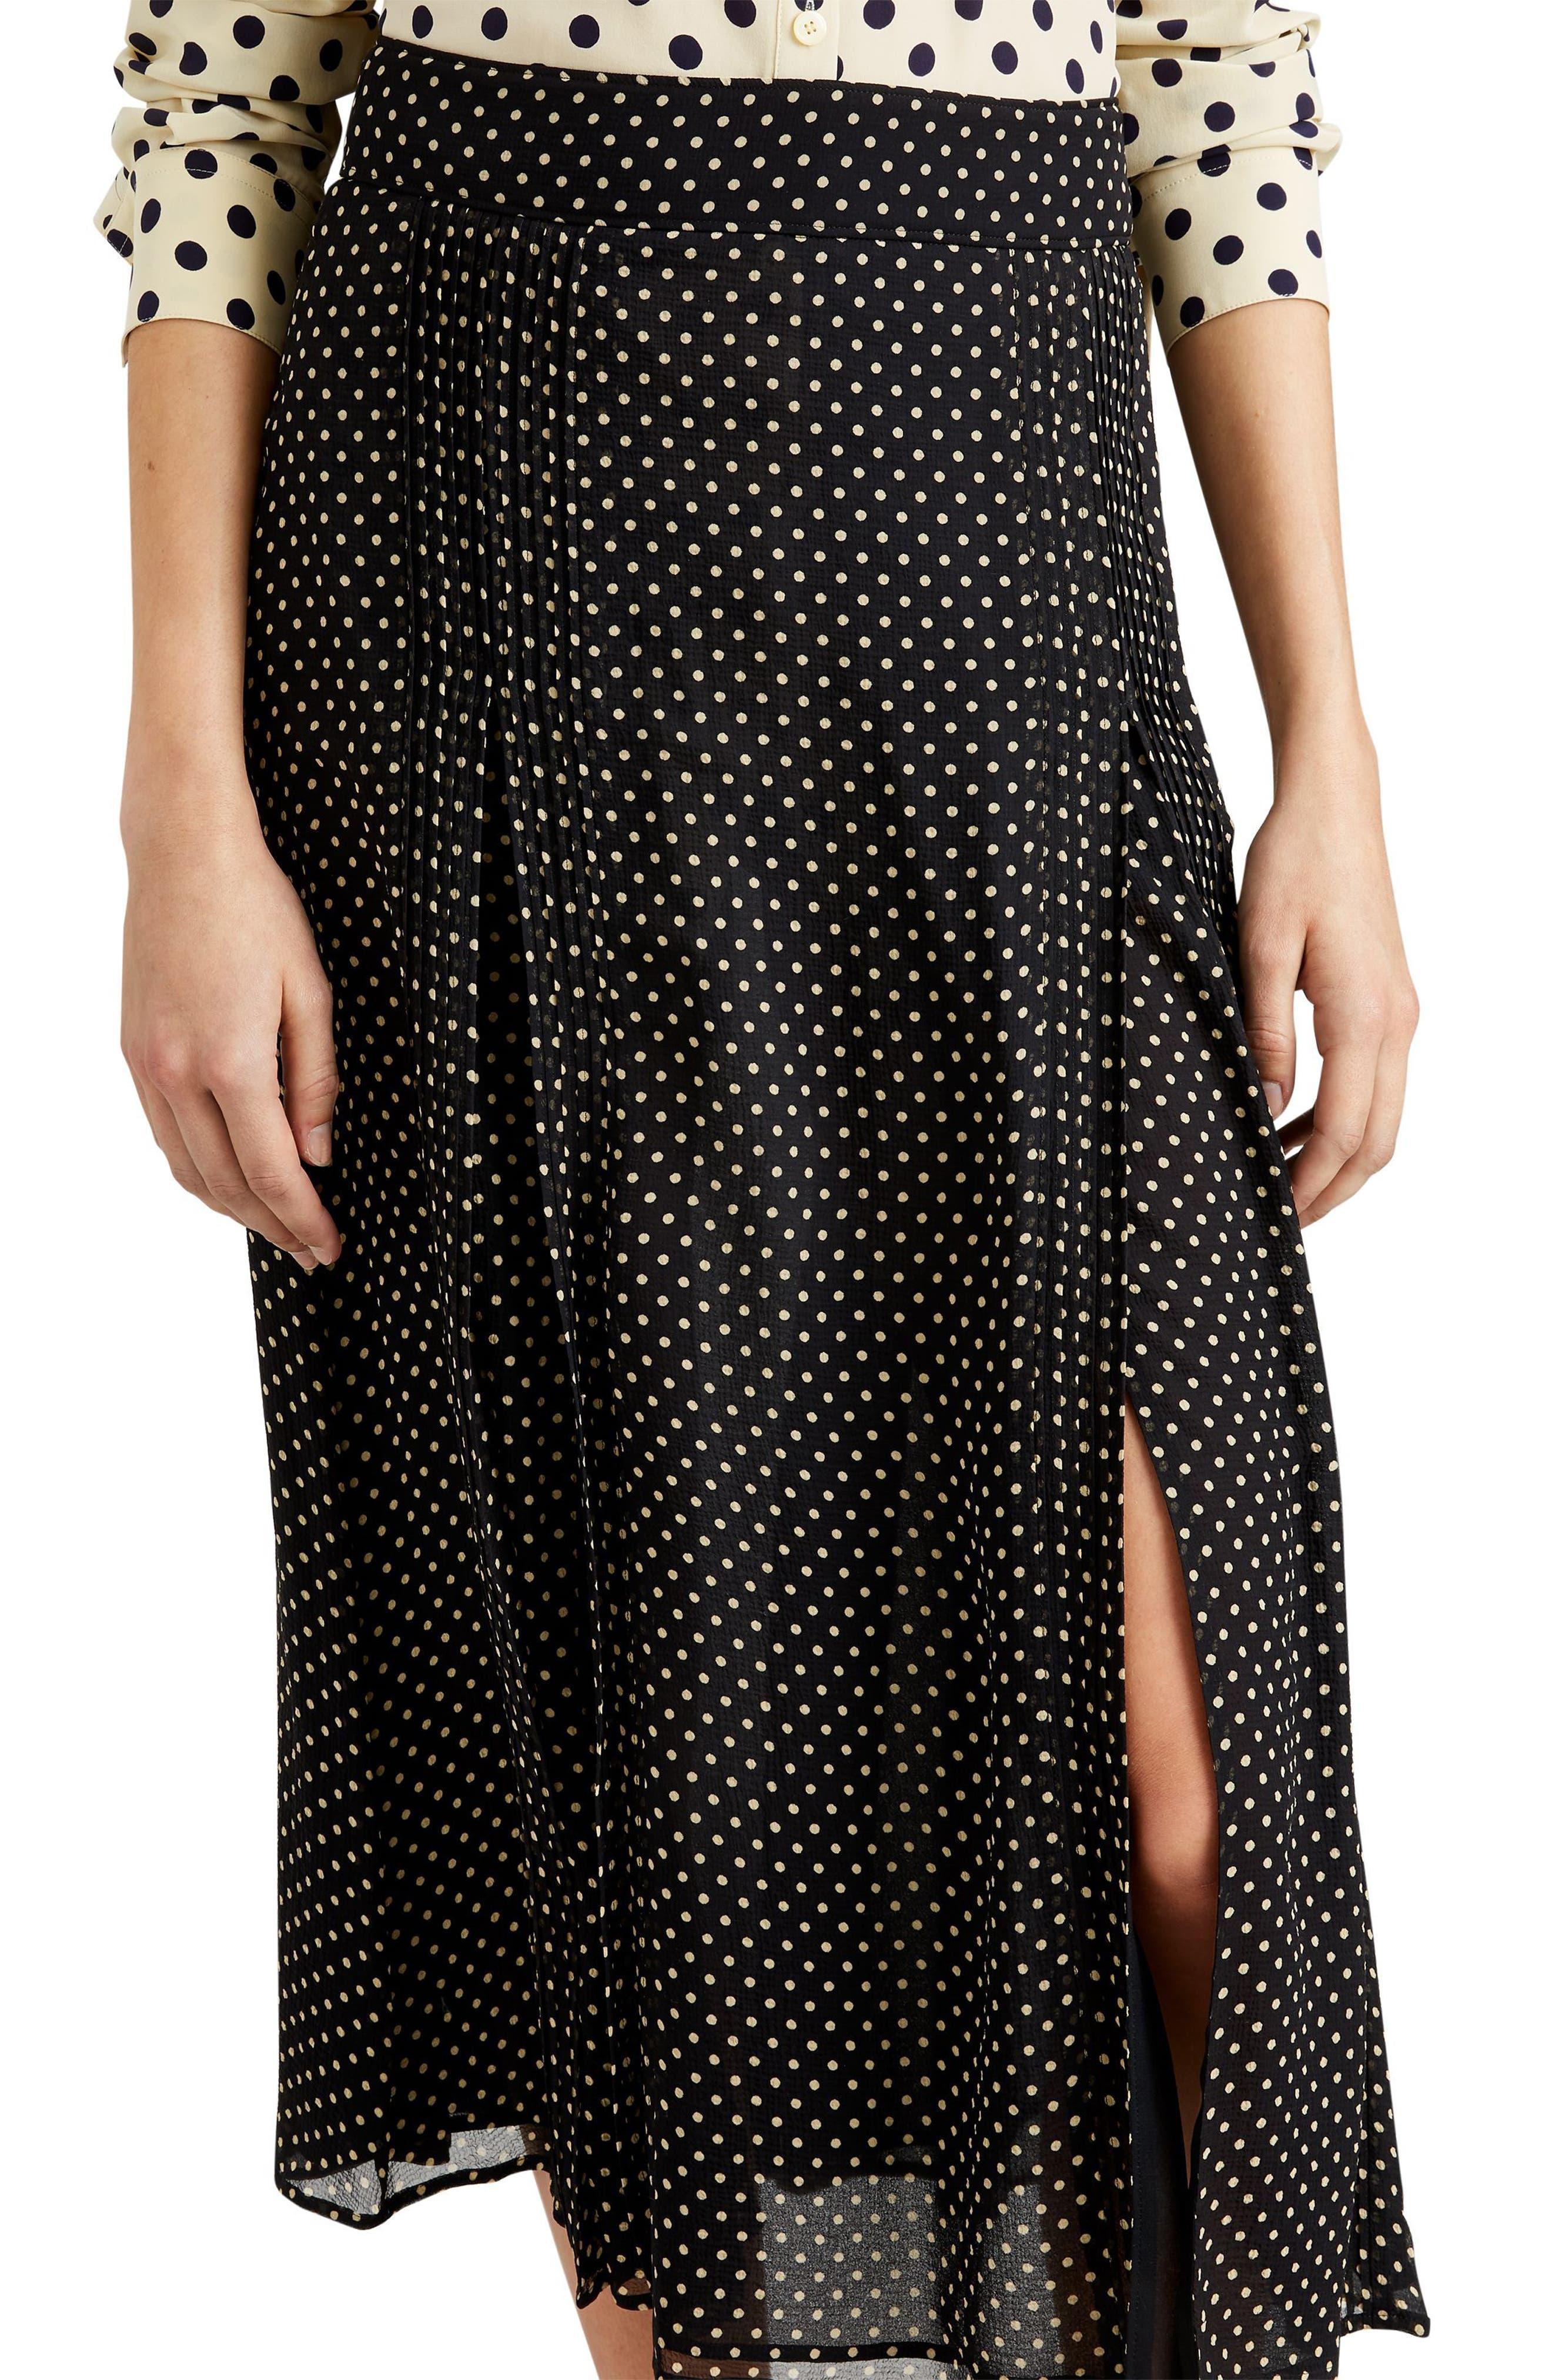 Fine Pintuck Dot Print Silk Skirt,                             Alternate thumbnail 3, color,